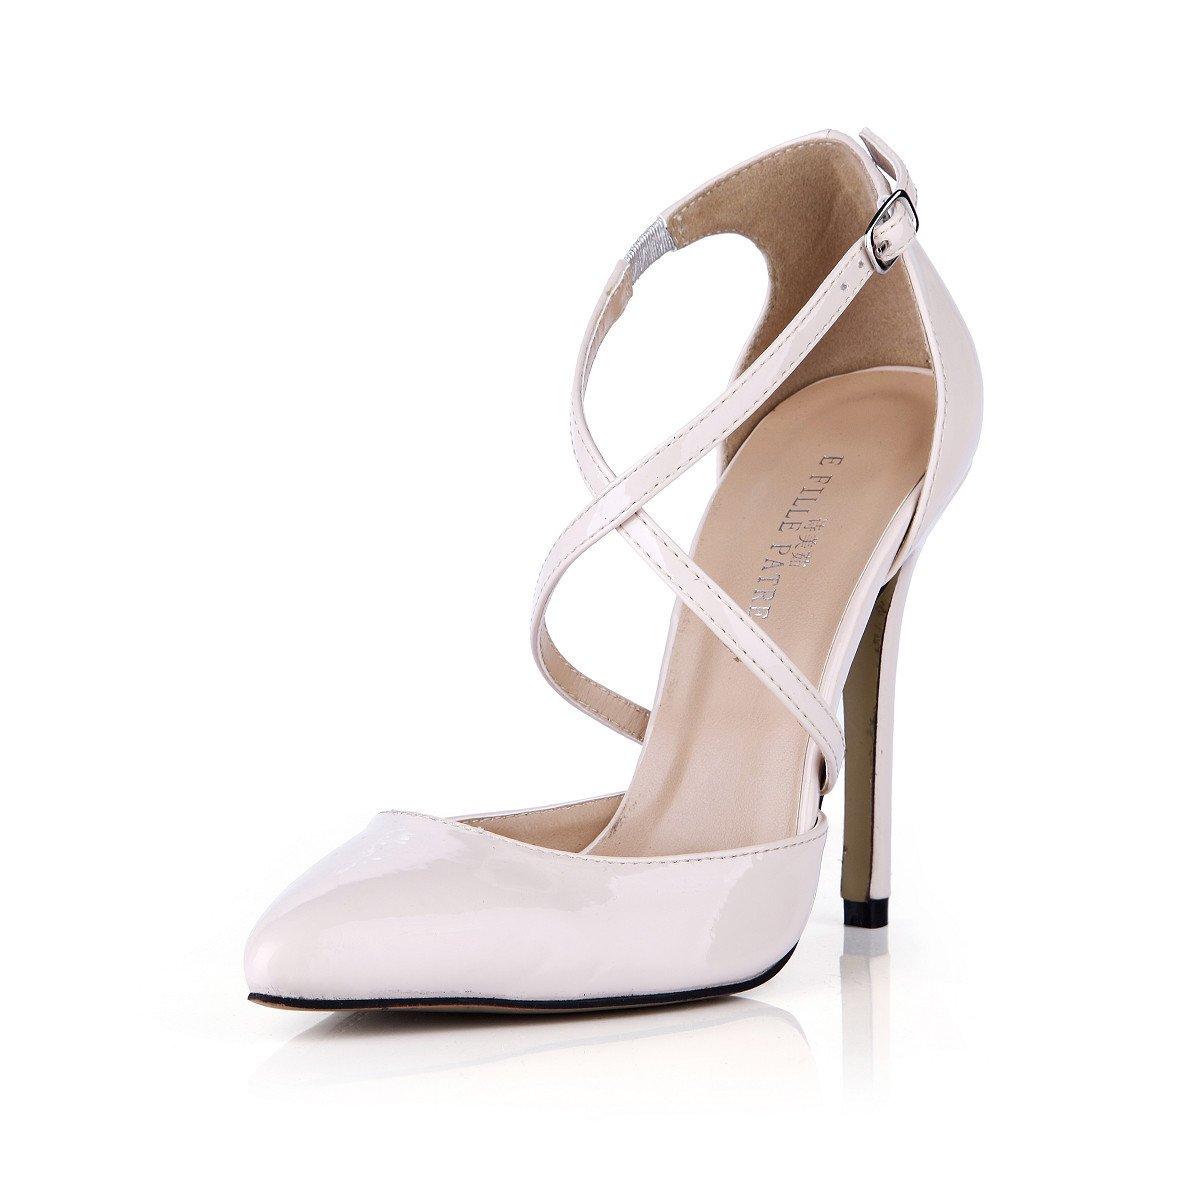 lumière rose US8.5   EU39   UK6.5   CN40 Chaussures femmes Printemps et été fun nouveau cuir vernis hauts talons et point rouge sexy chaussures dîner